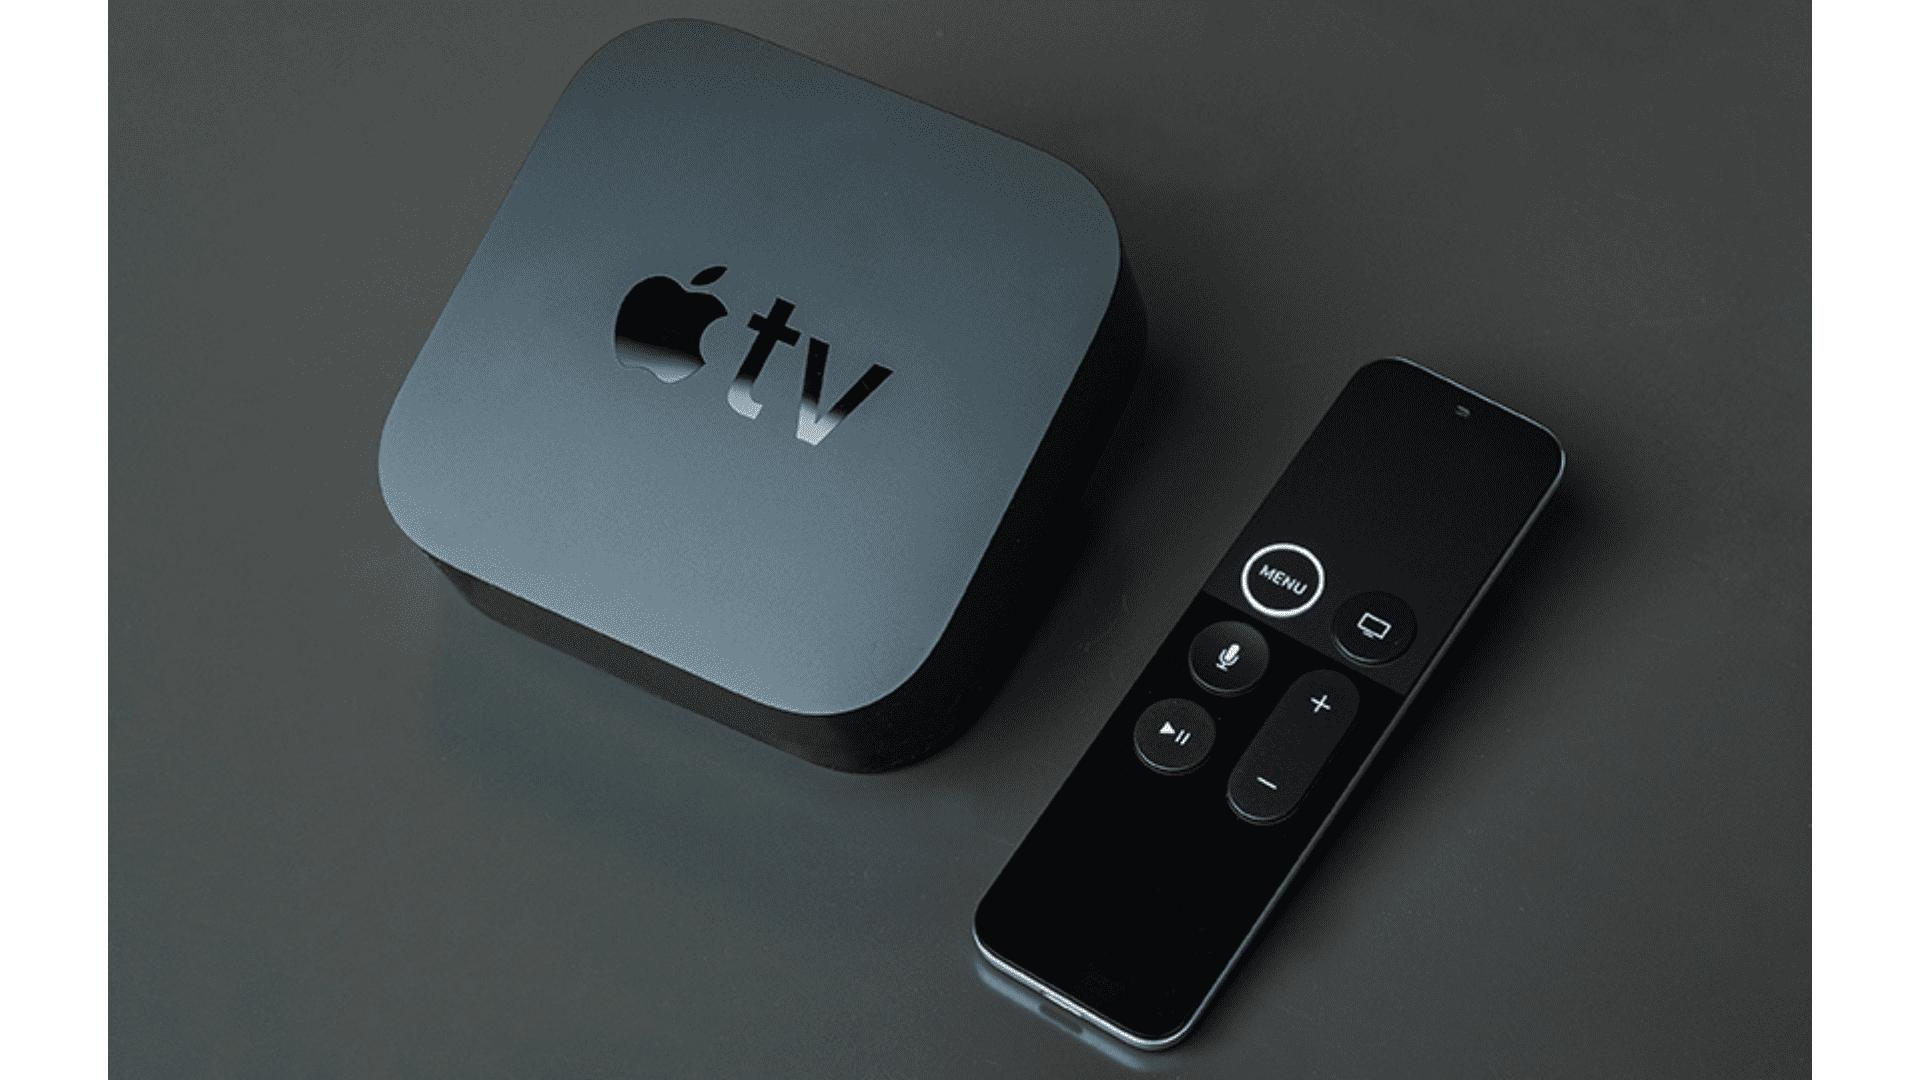 O controle remoto da Apple TV tem apenas 6 botões e conta com touch para melhorar a navegação. (Foto: Zoom)